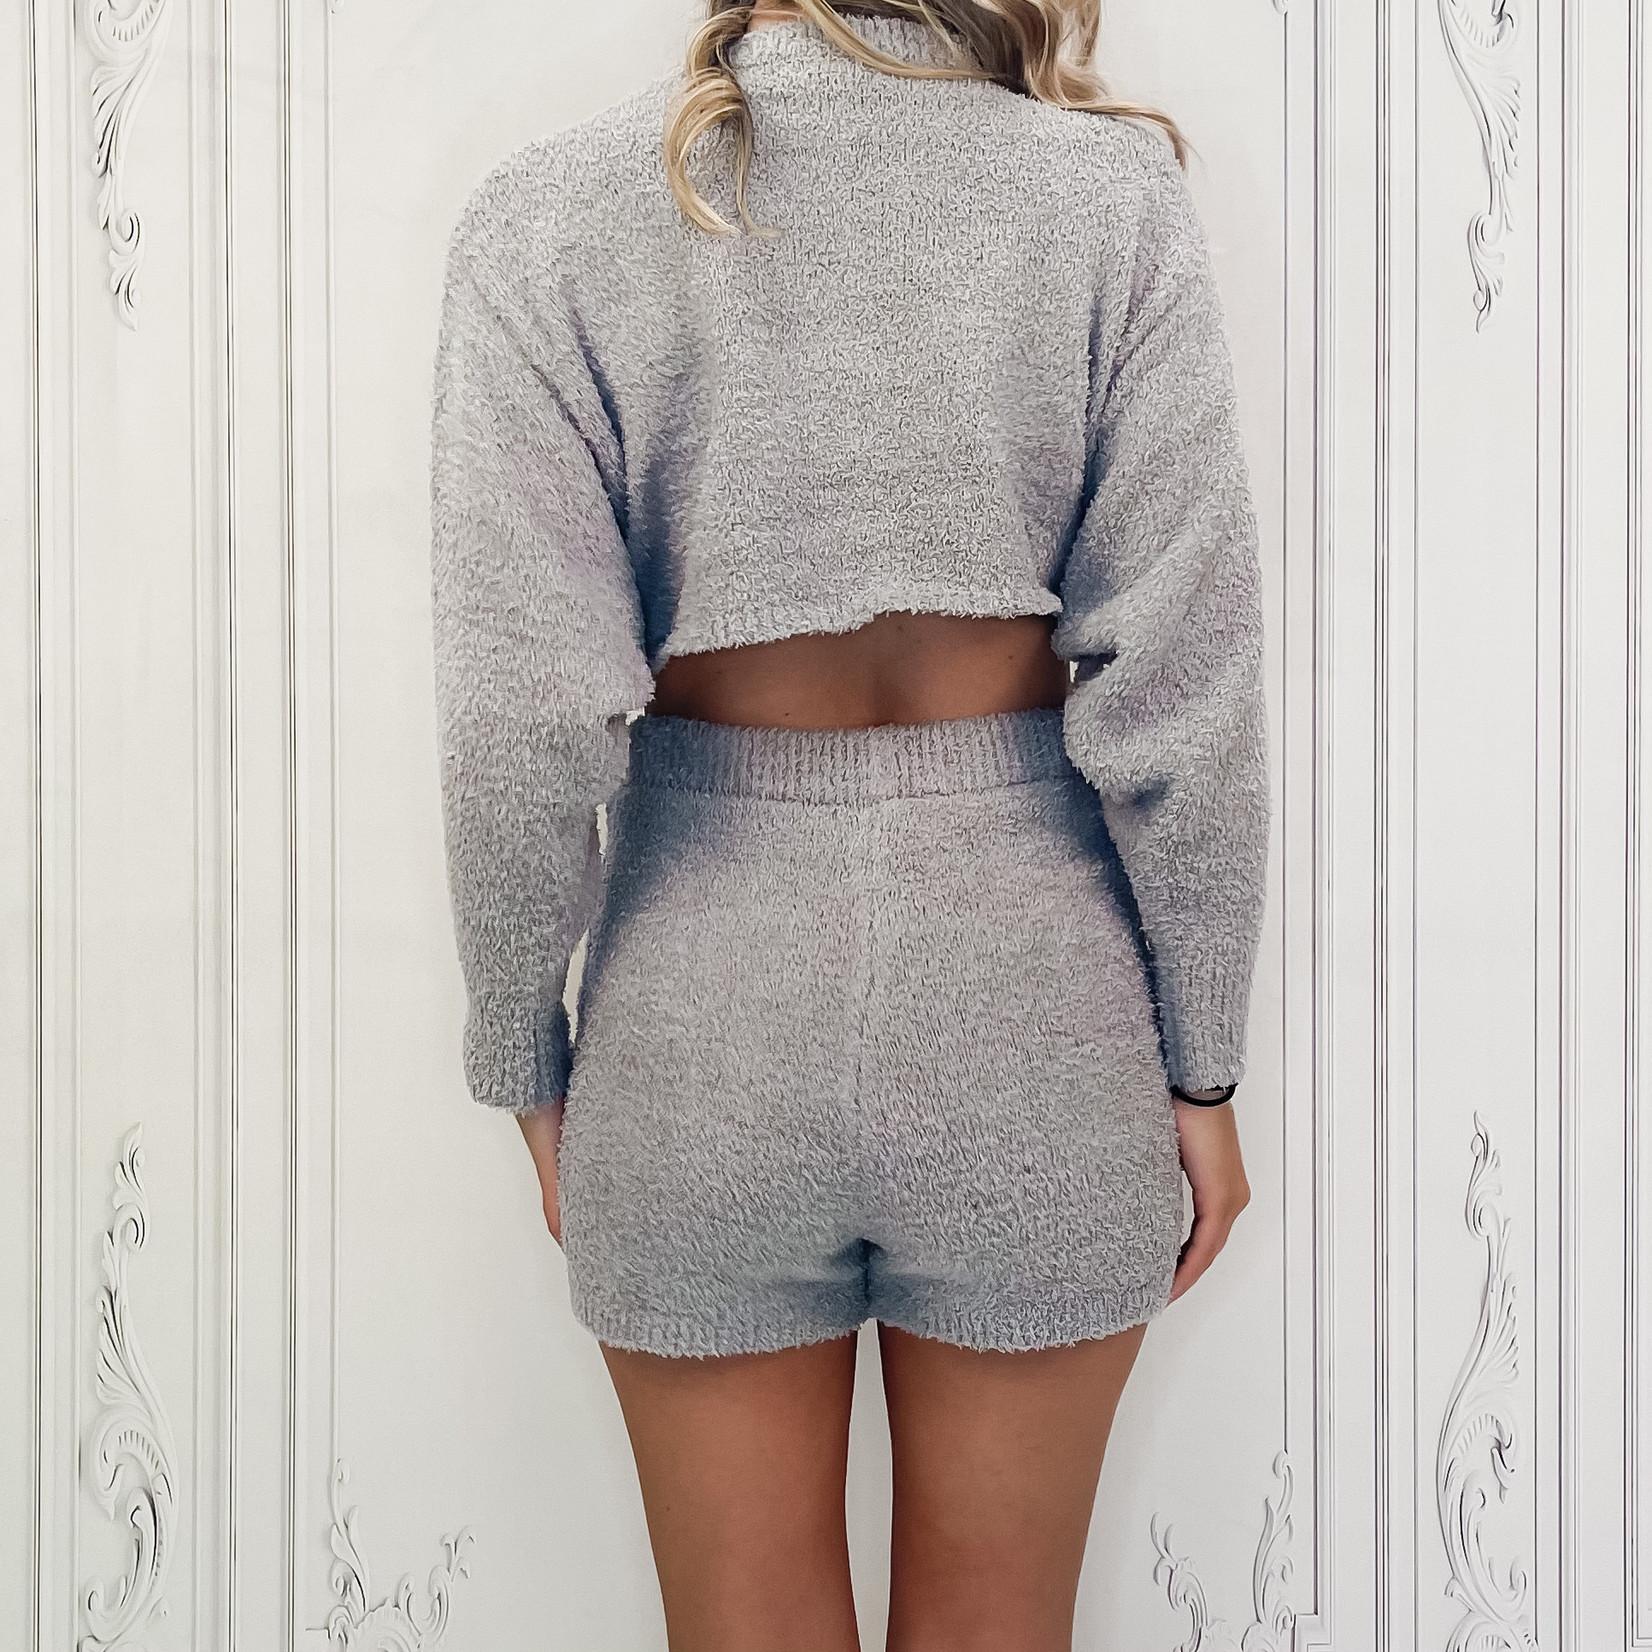 Indie knit shorts lounge set